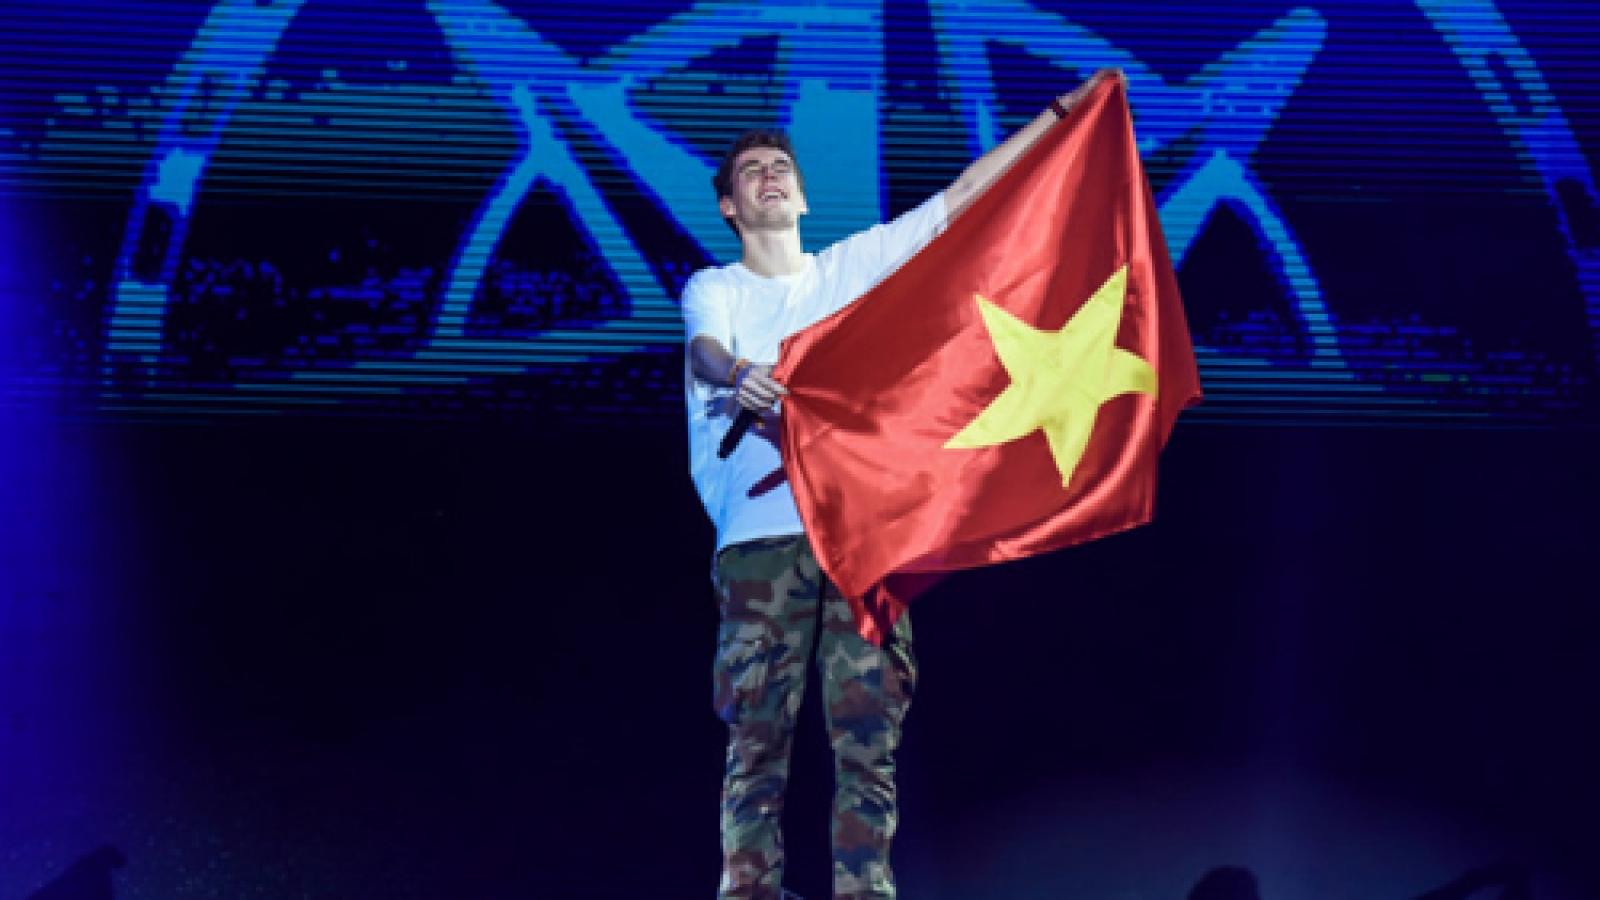 Monsoon Music Festival 2017 enthrals Hanoi fans